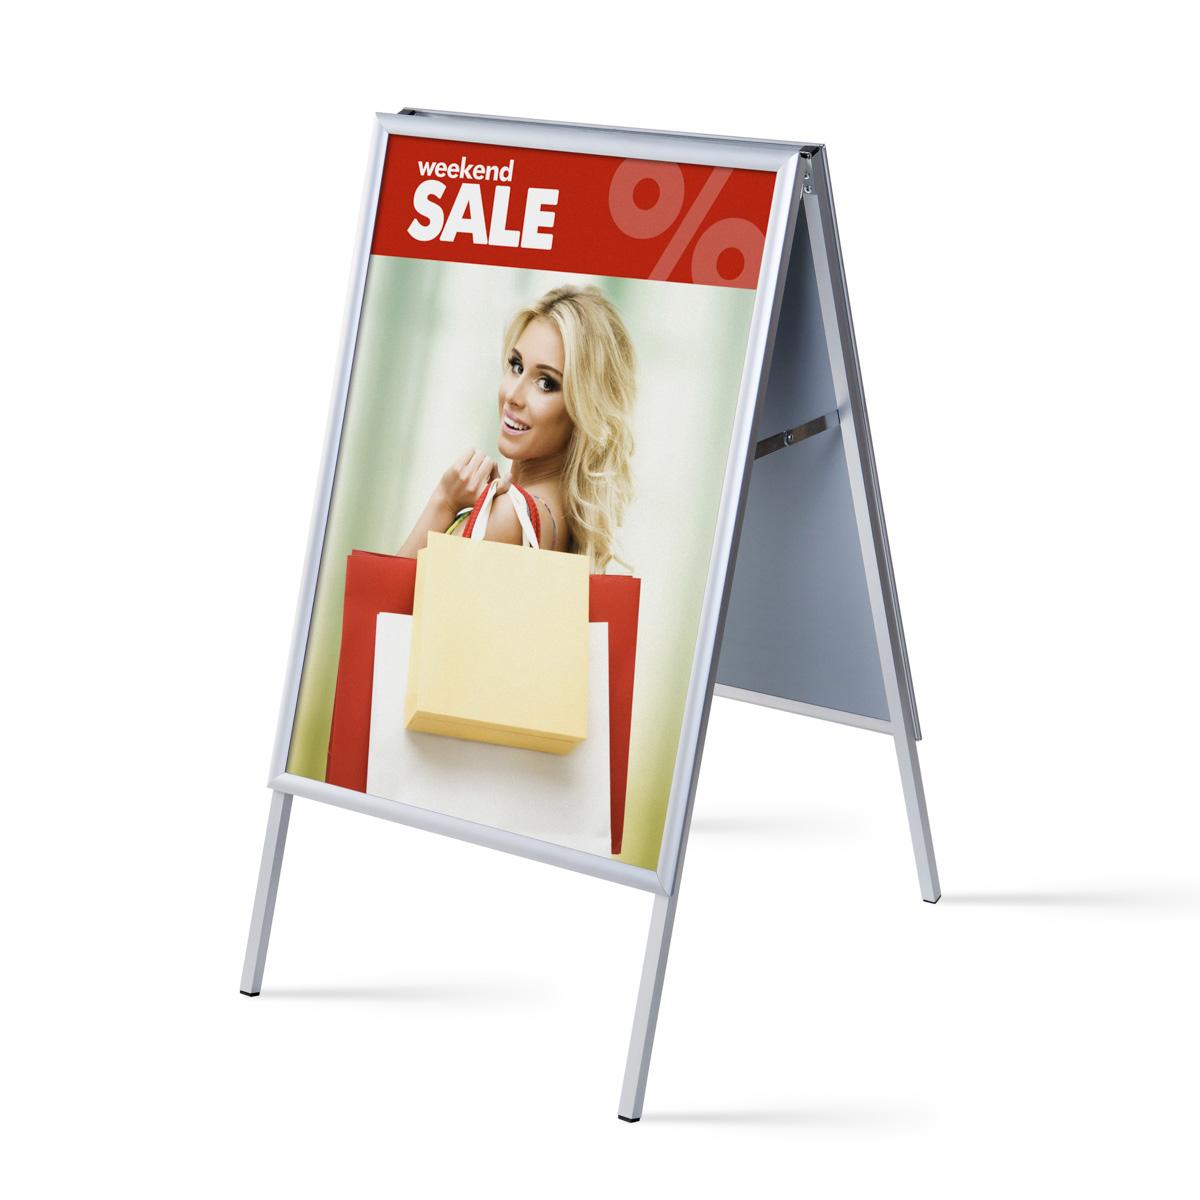 Plakatständer - Kundenstopper - Klapprahmen - Aluminium